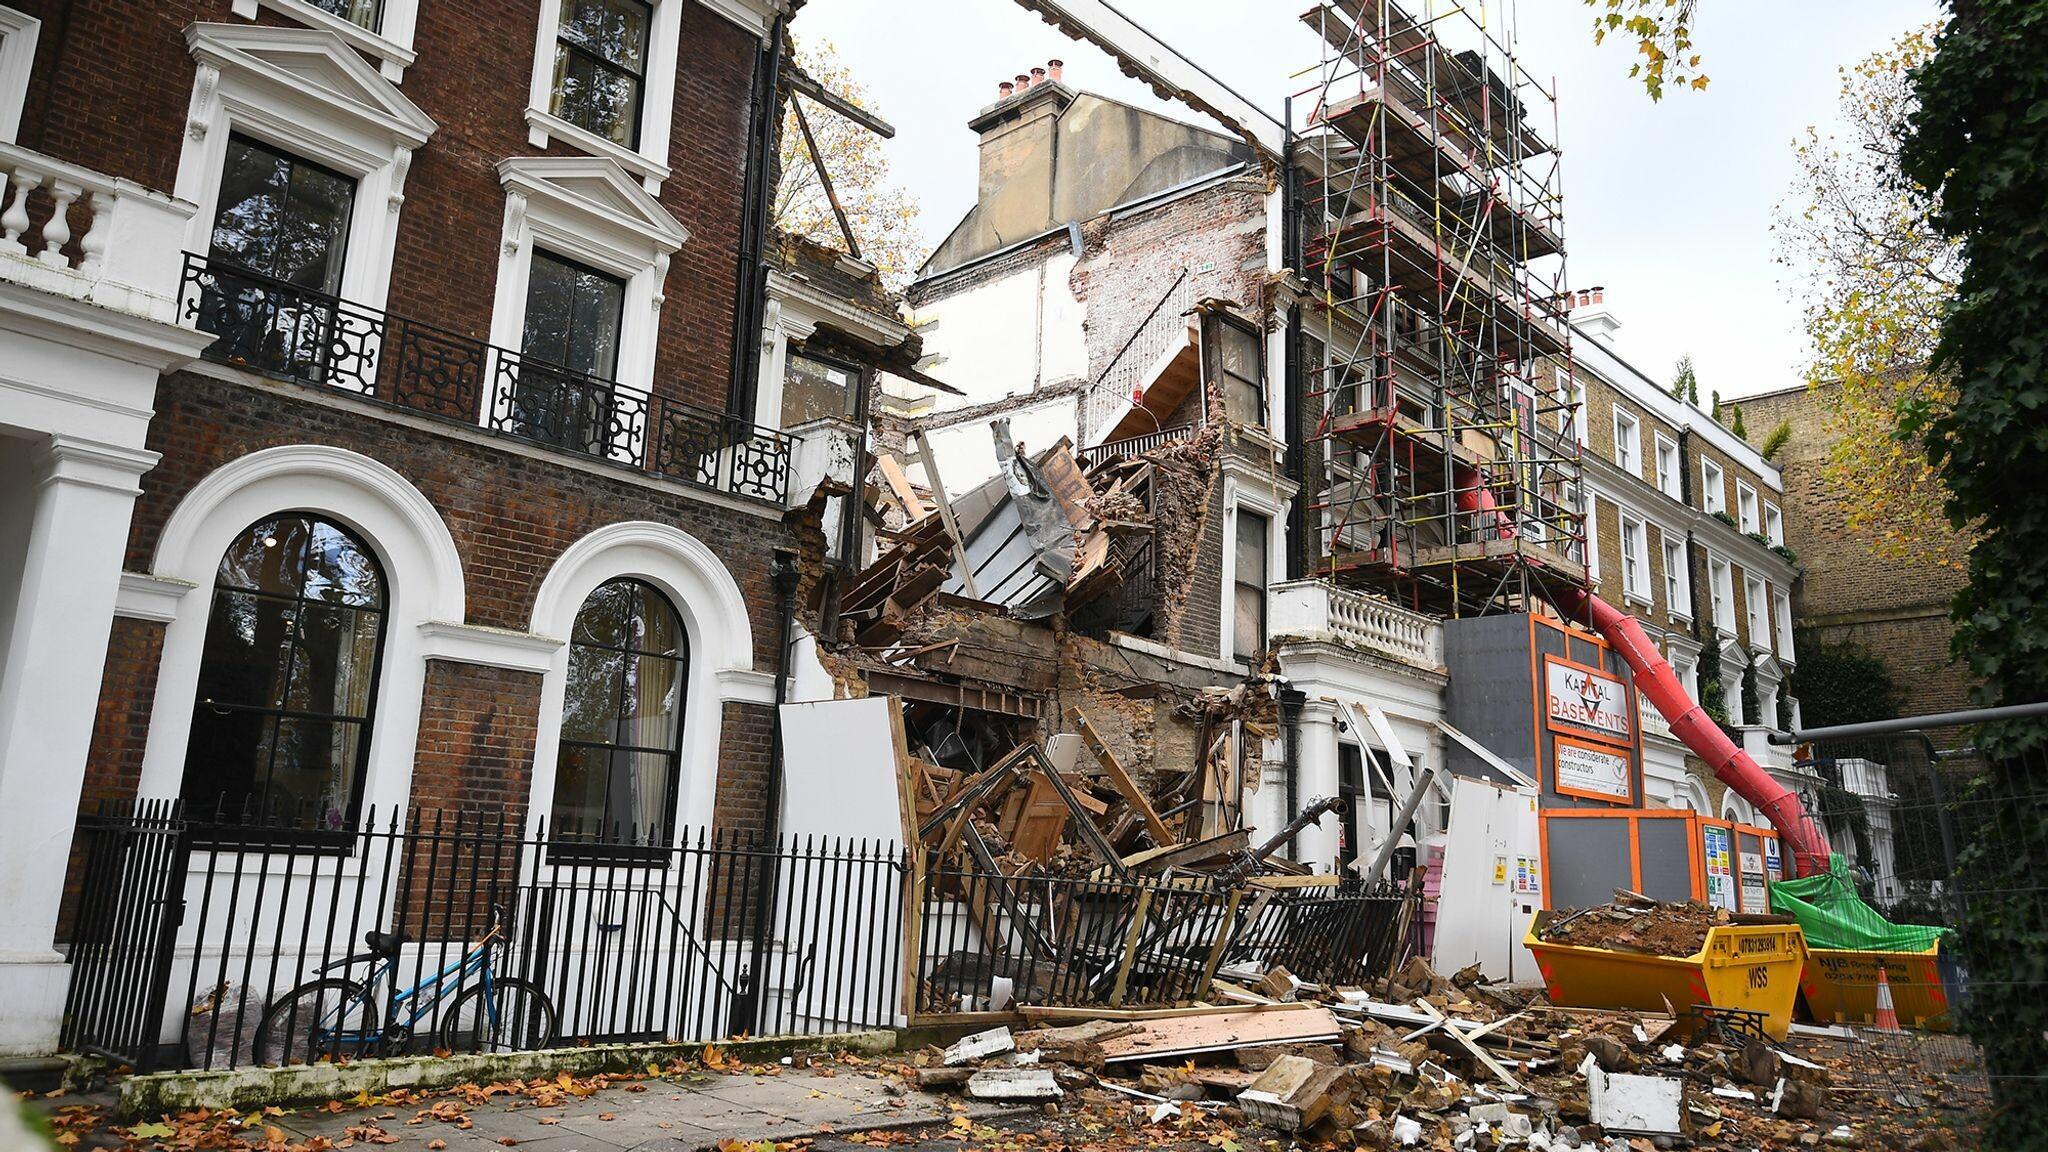 انهيار مبنى تشيلسي: الصور الأولى من الانهيار الدراماتيكي في شارع خاص بلندن أثناء إجلاء الناس